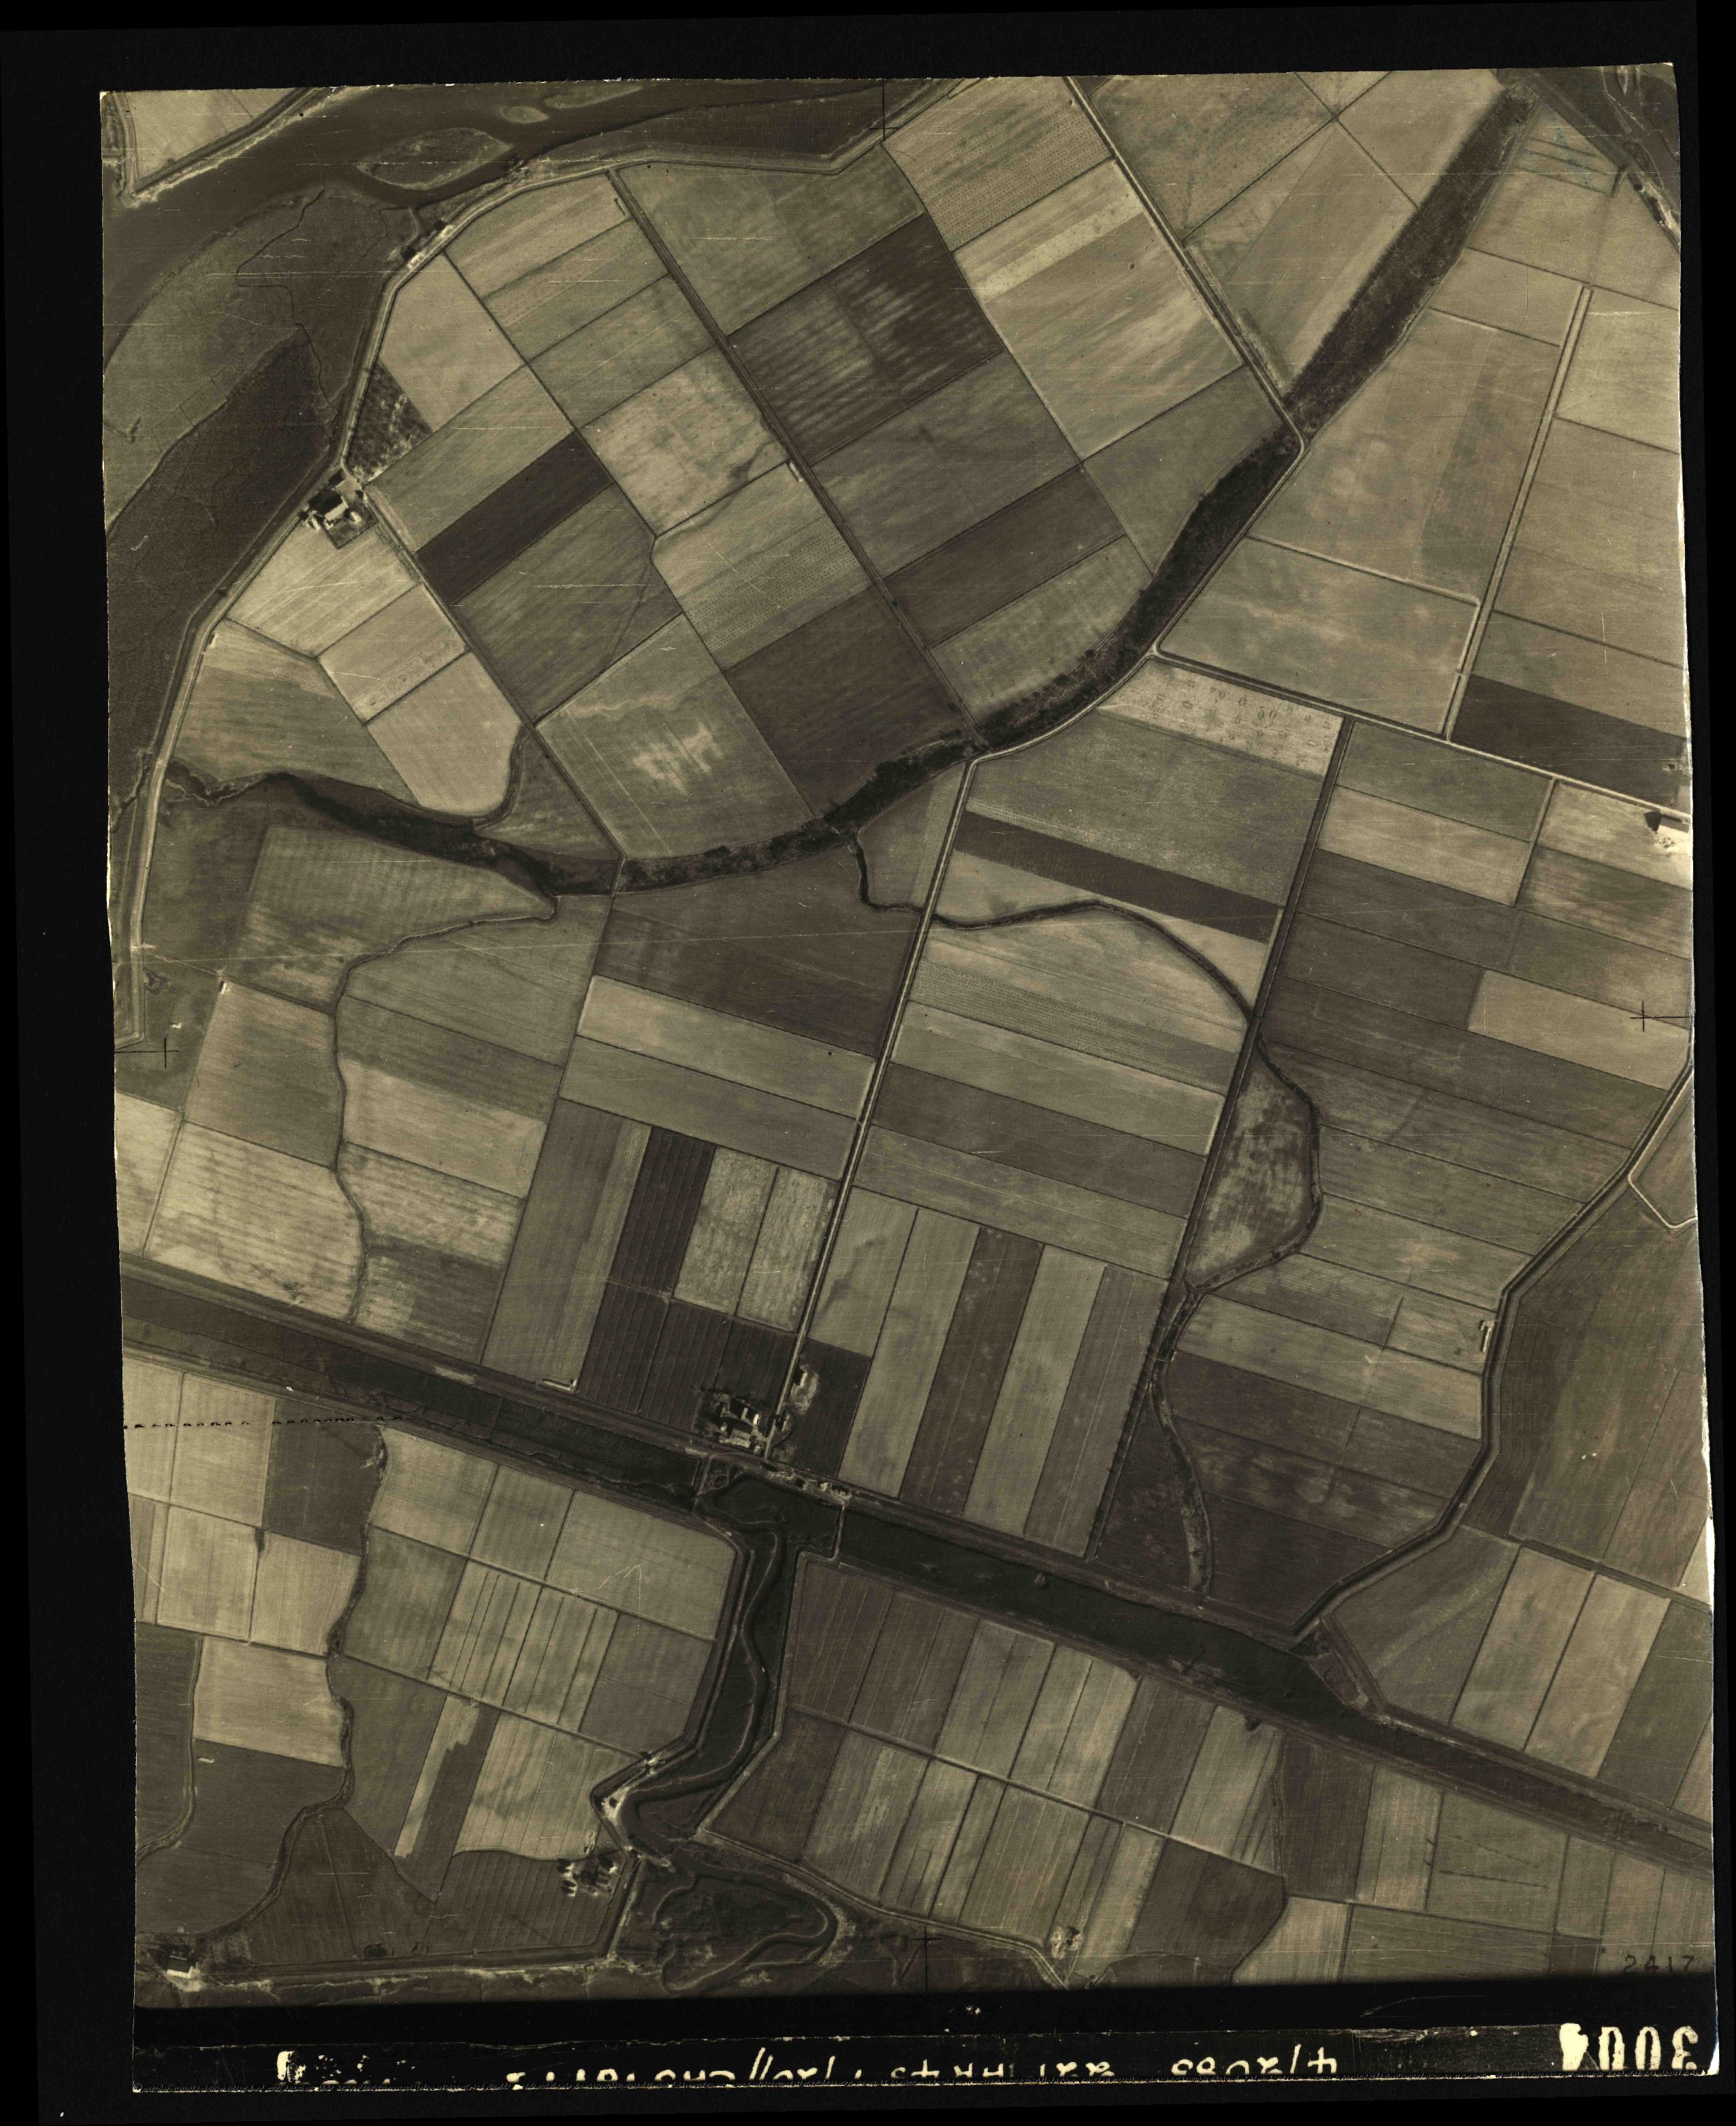 Collection RAF aerial photos 1940-1945 - flight 021, run 04, photo 3004